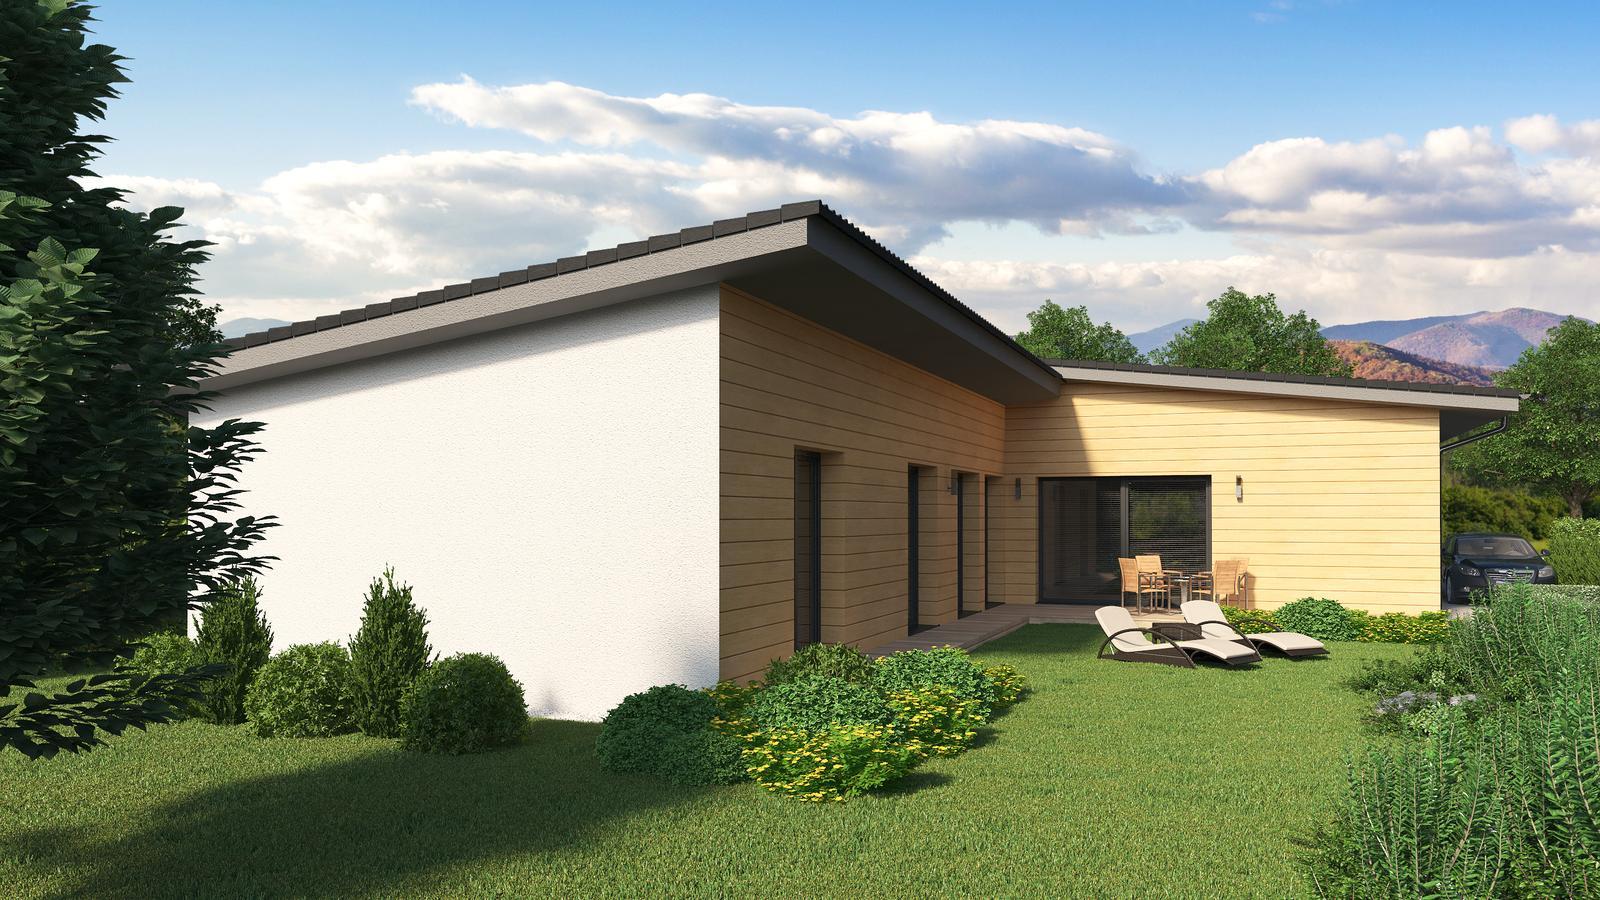 Ďalšie ukážky návrhov domčekov pre Vás - www.rodinny-dom.eu - Obrázok č. 16